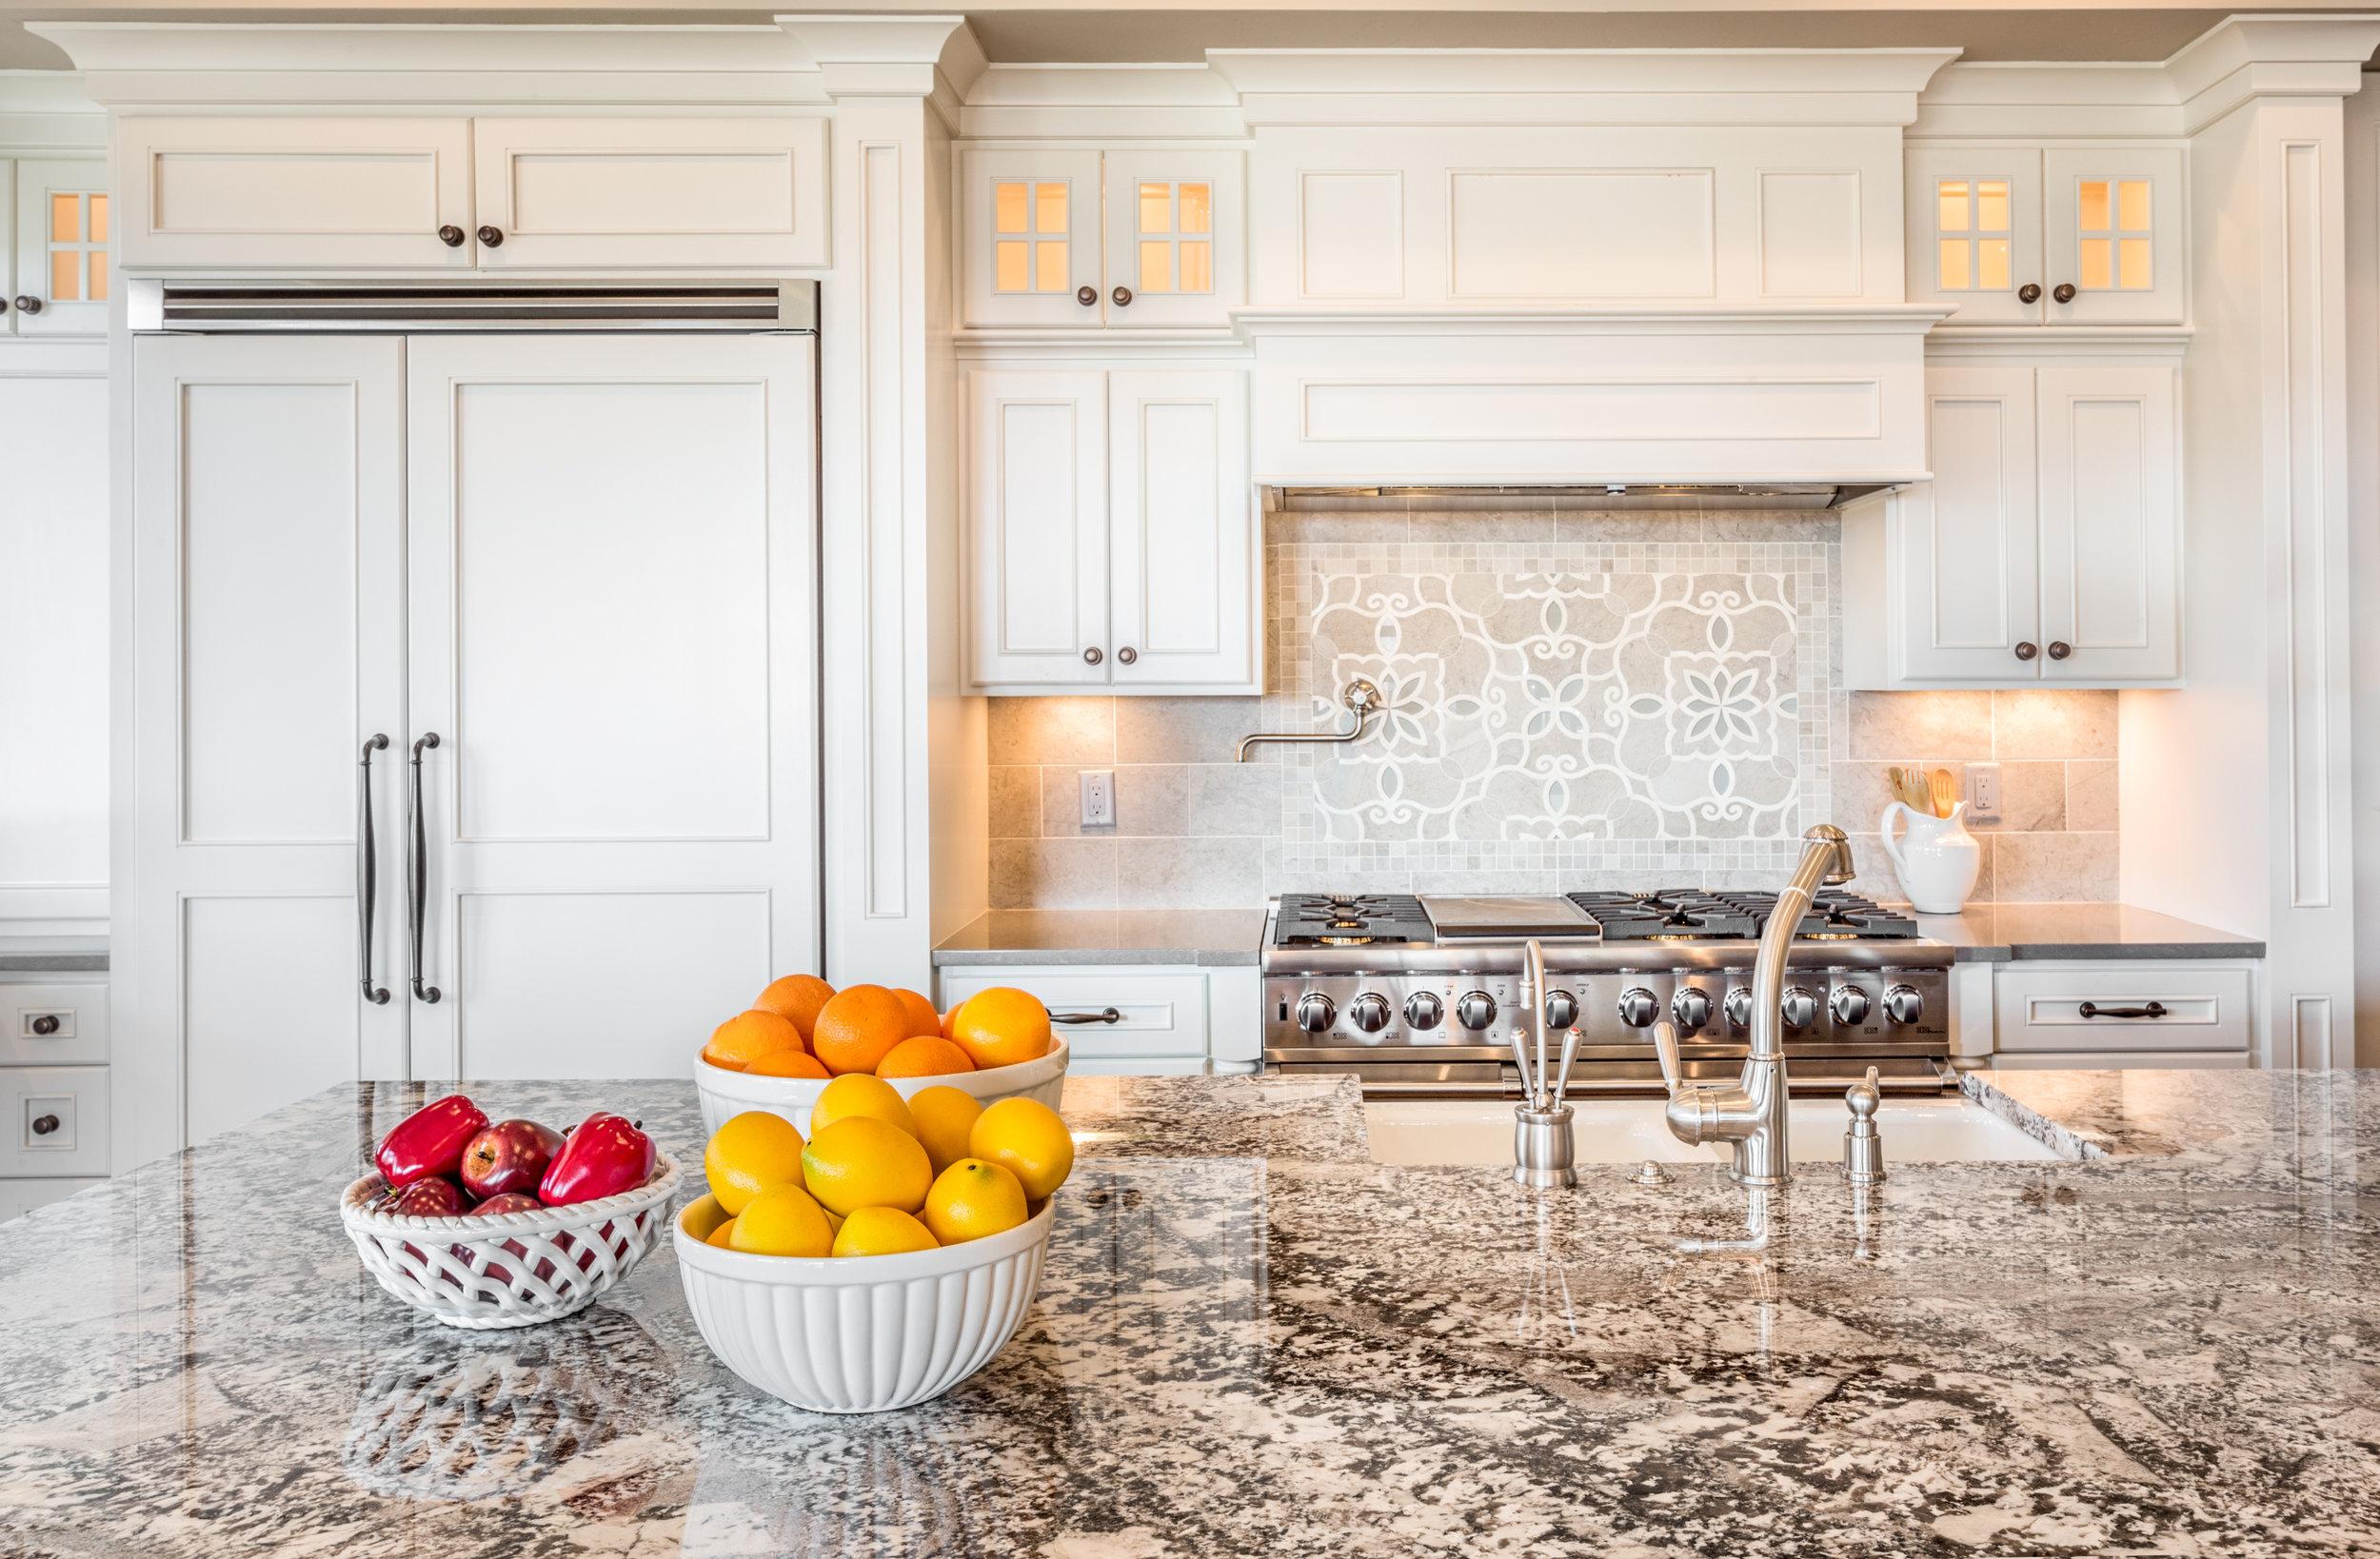 Home improvement home decor kitchen design kitchen old greenwich cCT 06830 dvd interior design 123 .jpg